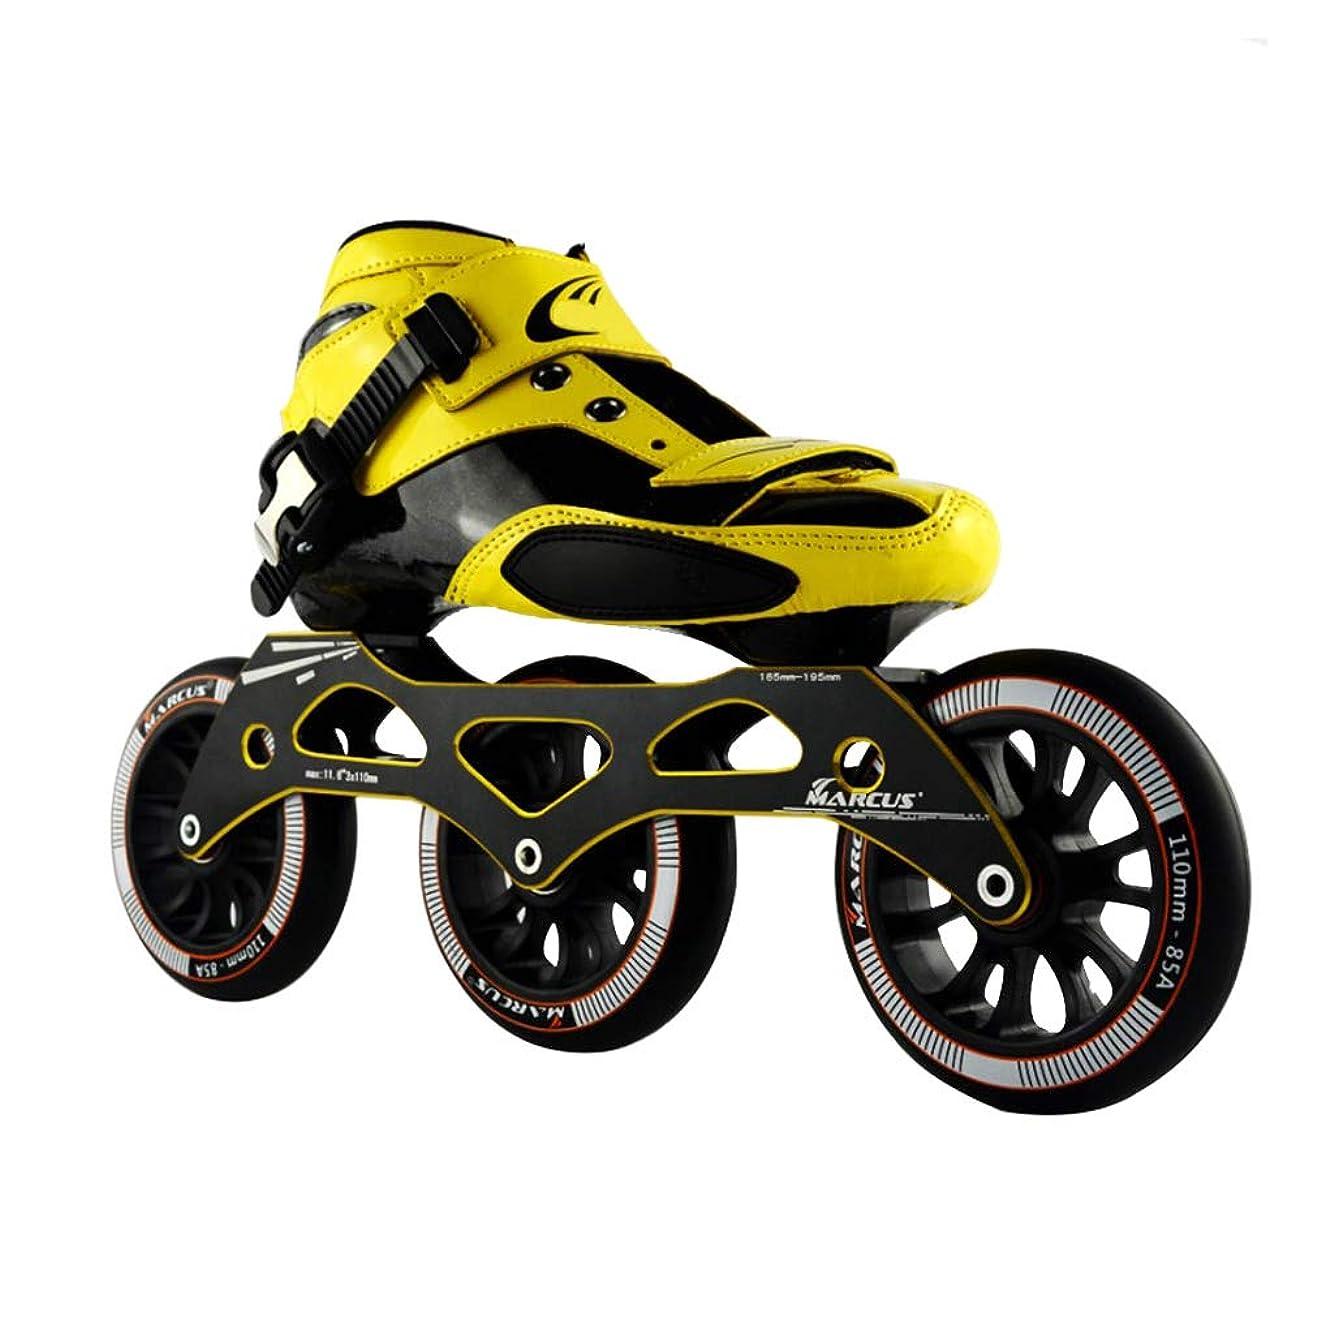 危険な実施するに対処するインラインスケート ローラースケート、 スピードスケート靴、 大人の男性と女性のインラインレーシングシューズ、 ? 初心者のスケート靴、 プロのプーリーシューズ キッズ ローラースケート (Color : Black, Size : 42)